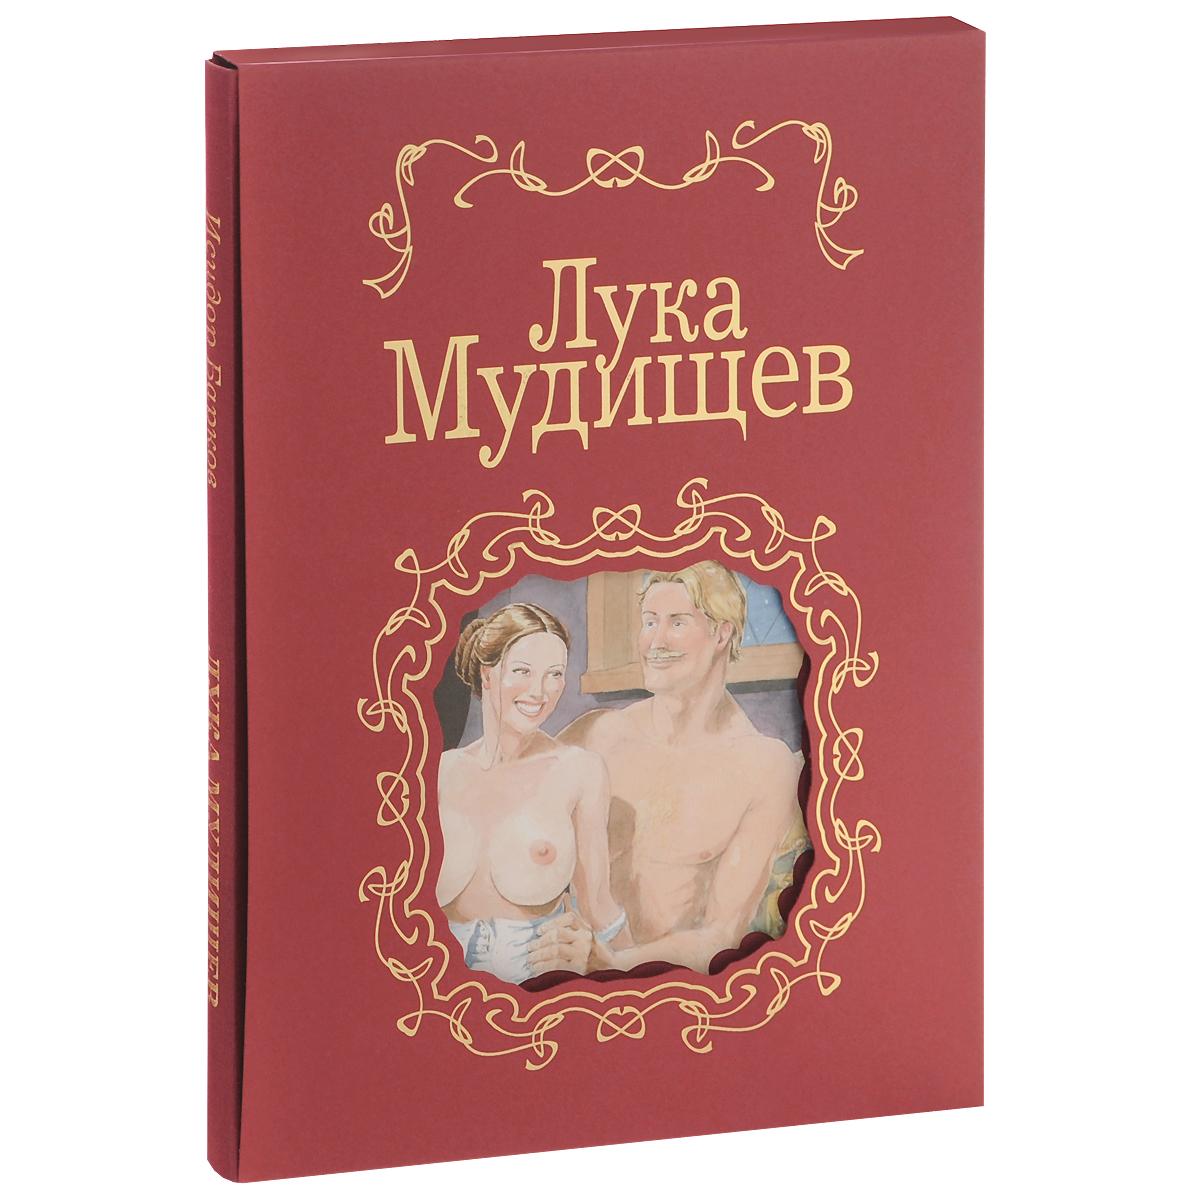 Исидора Барков Лука Мудищев. Эротический роман в стихах (подарочное издание)